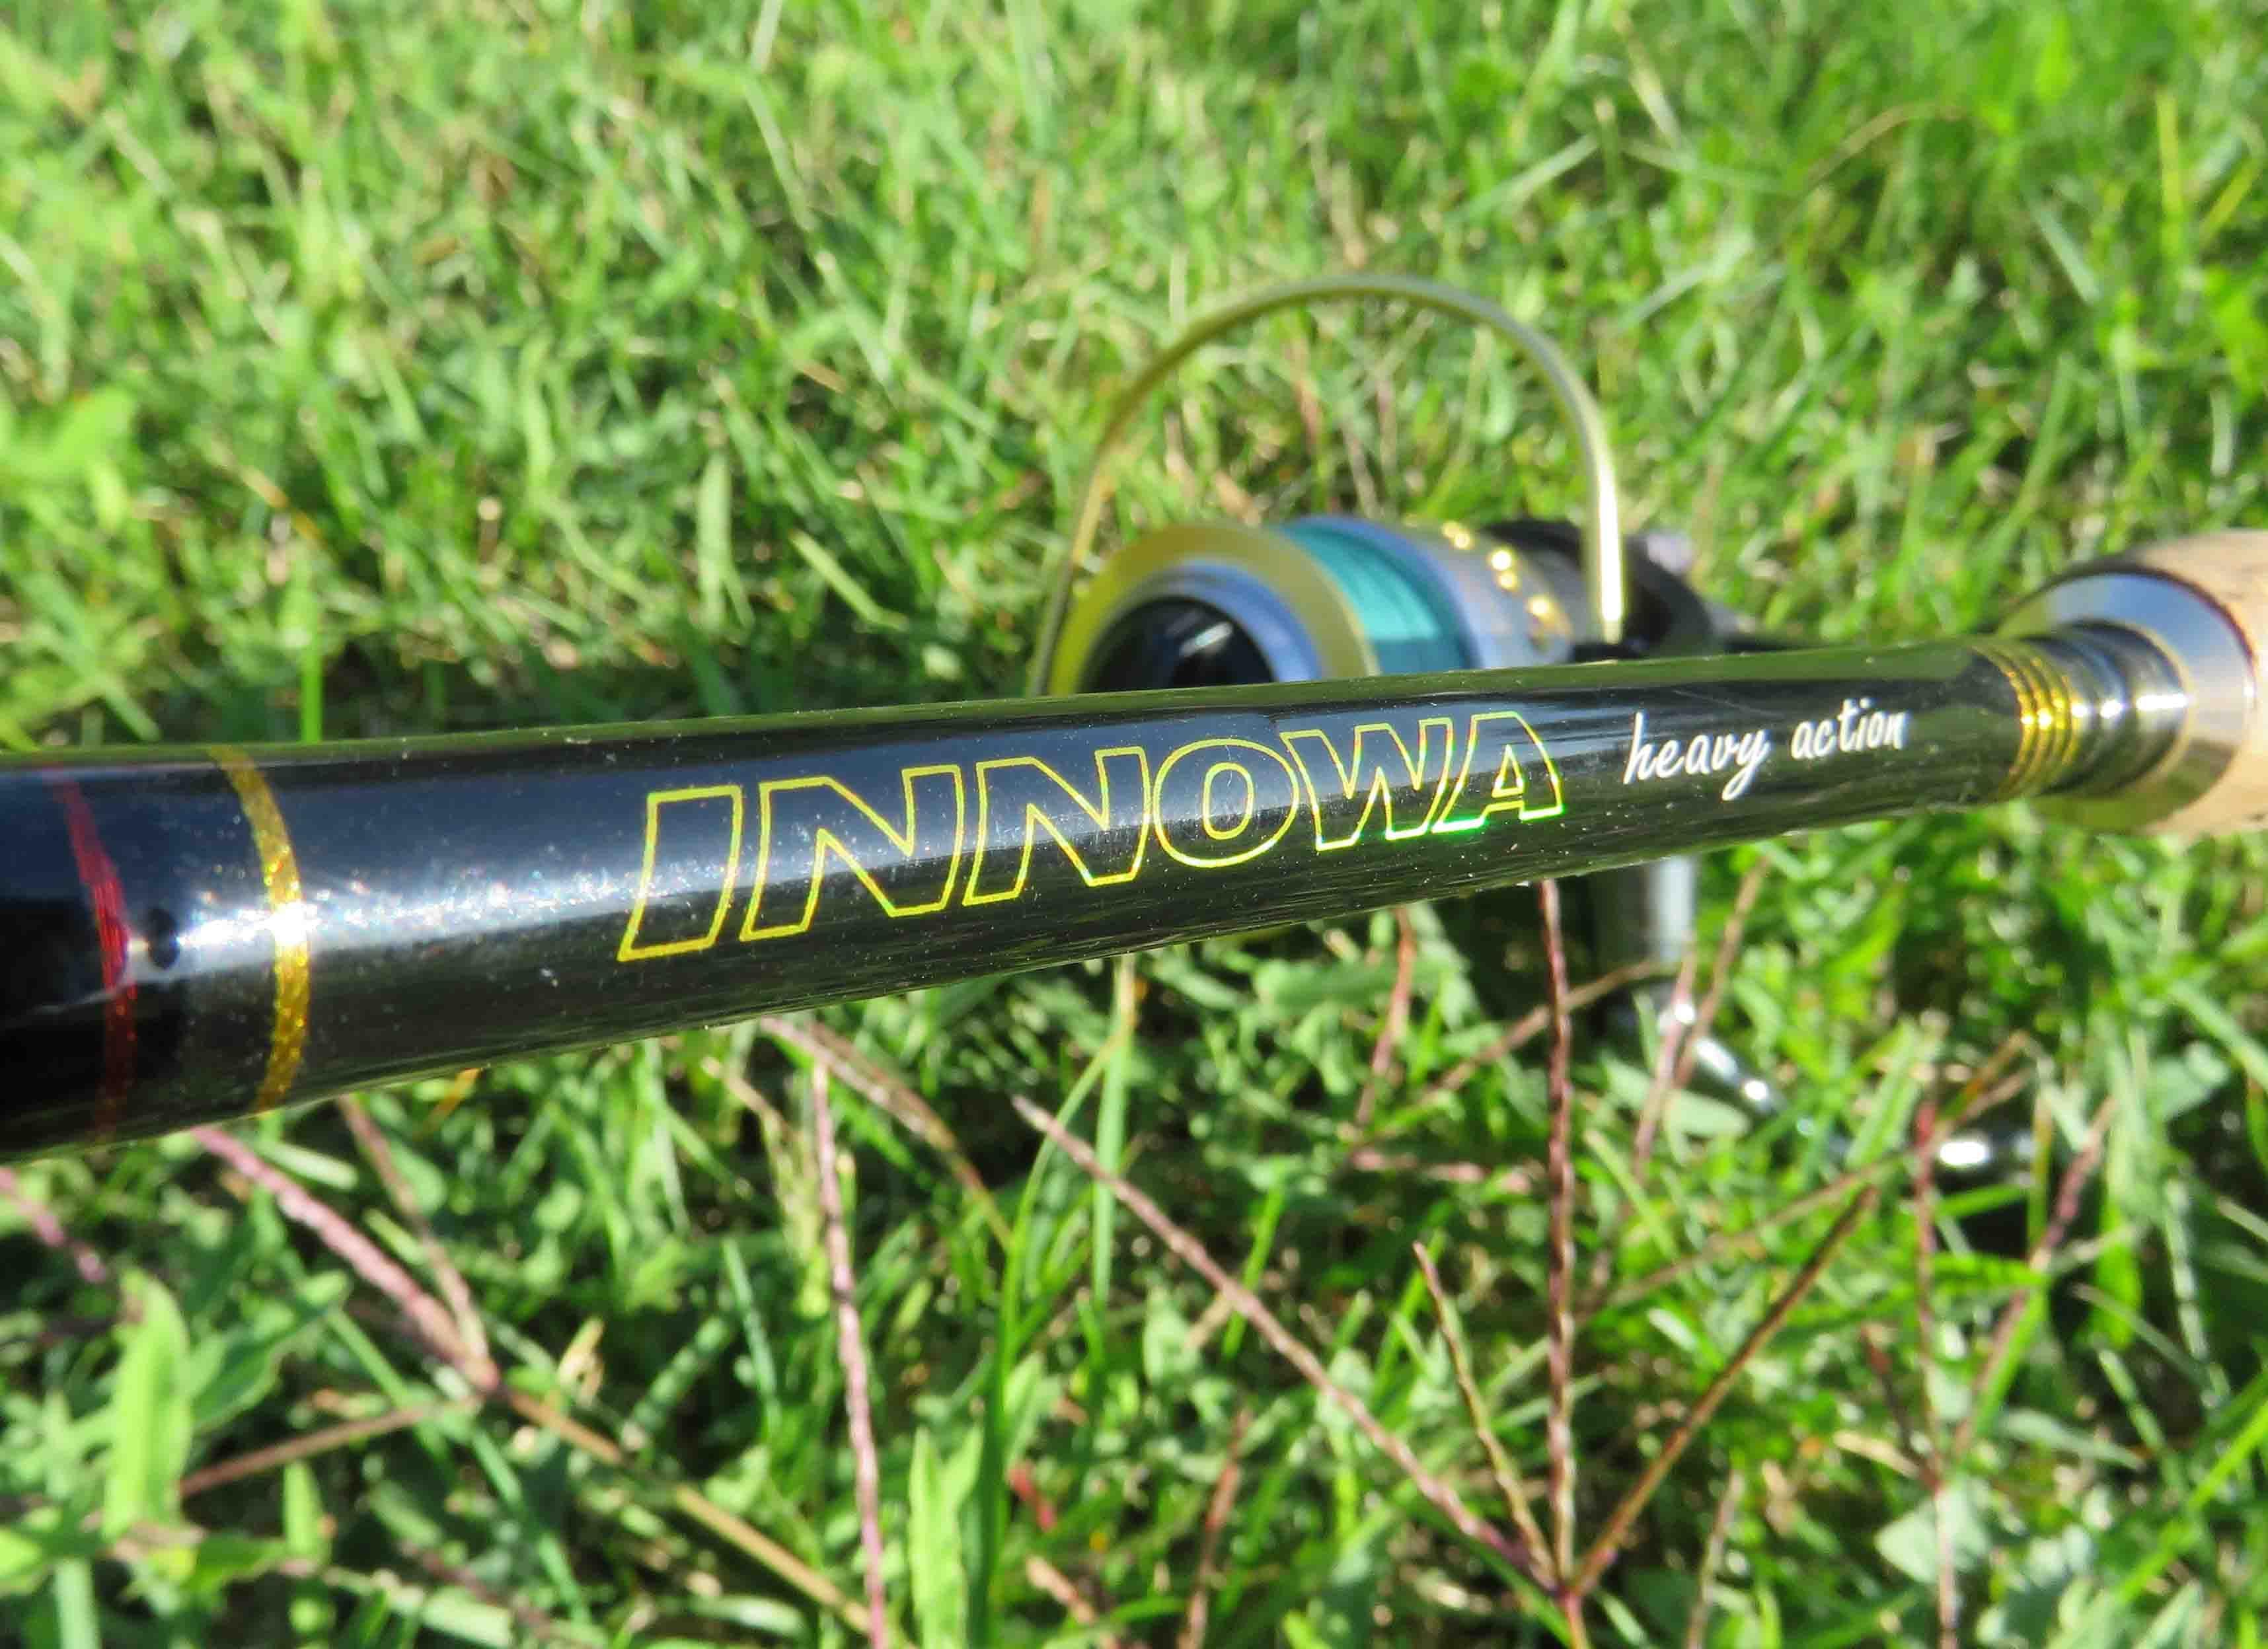 A Nevis Innowa egy univerzális, feszes, erős bot